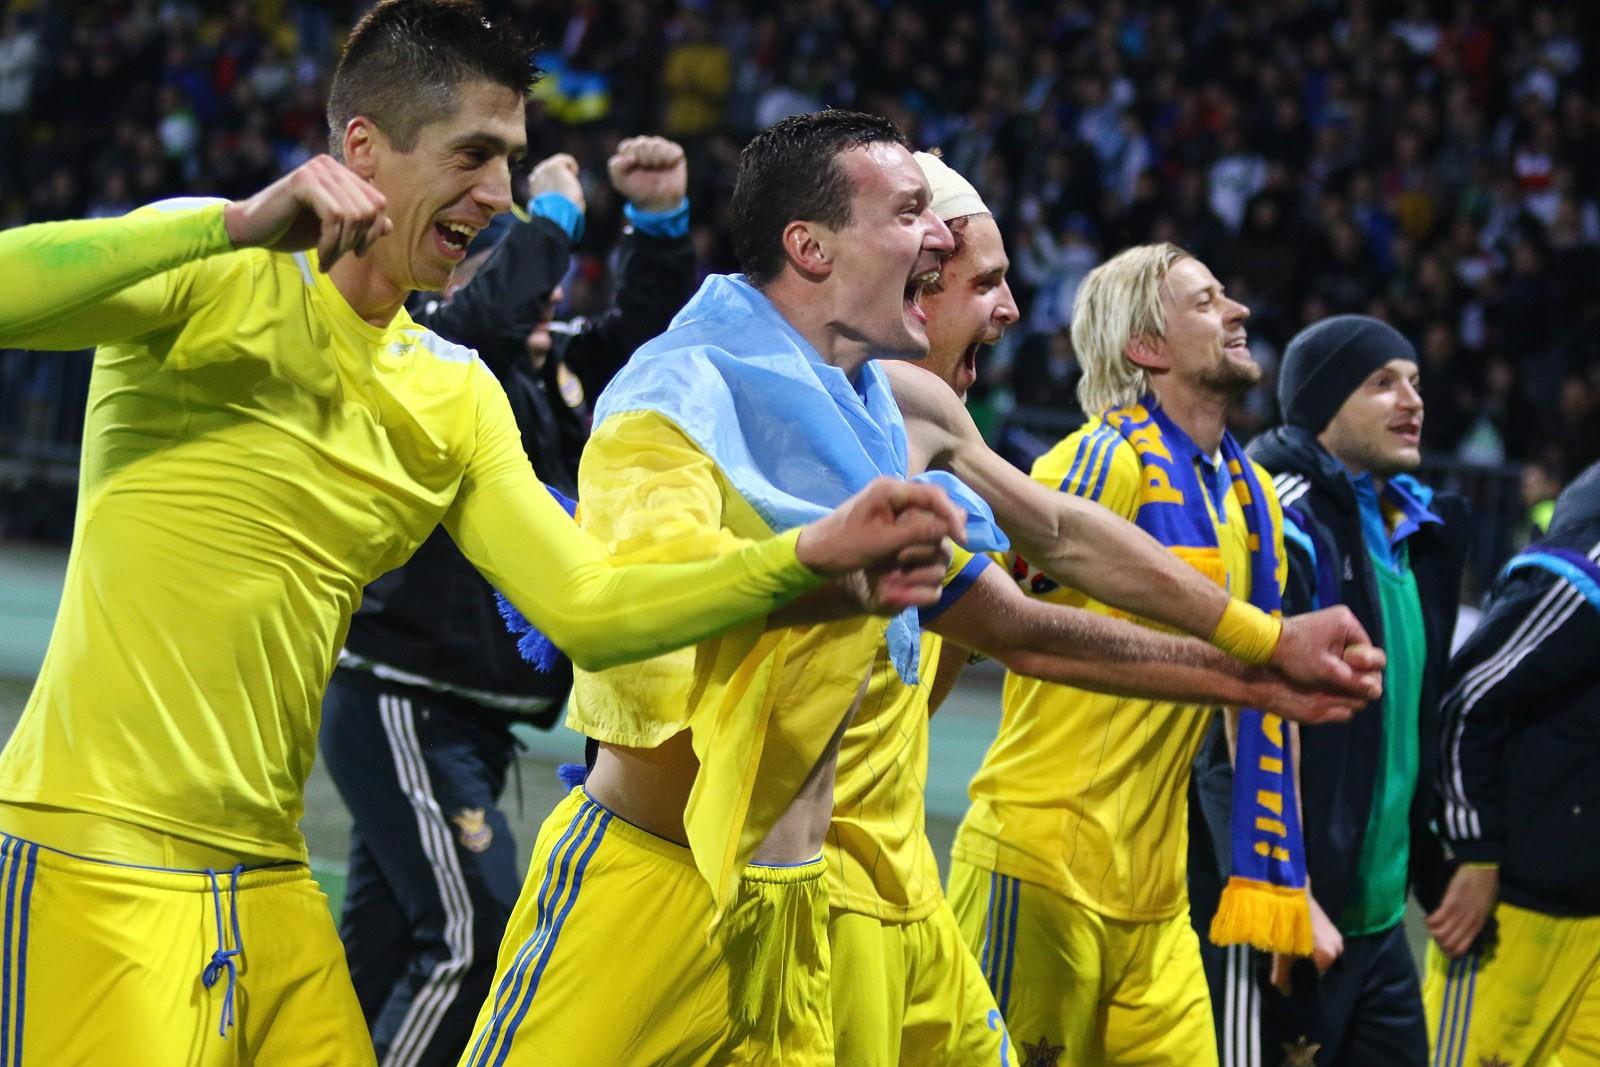 Федецкий: Евро-2012 пропустил из-за одного чудачка, который очень захотел, чтобы я там не сыграл - изображение 4